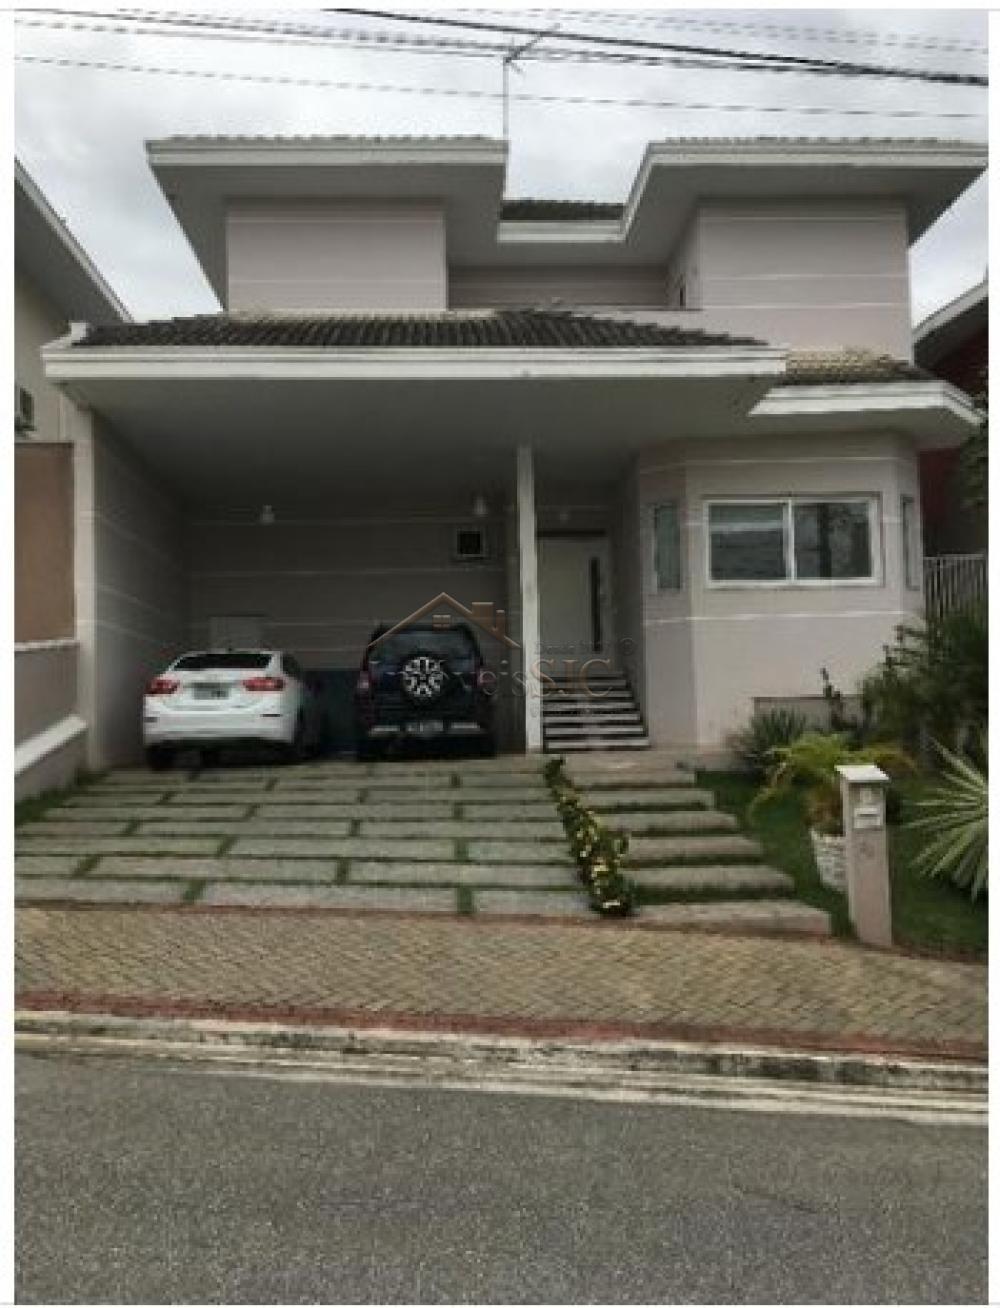 Comprar Casas / Condomínio em São José dos Campos apenas R$ 1.350.000,00 - Foto 20